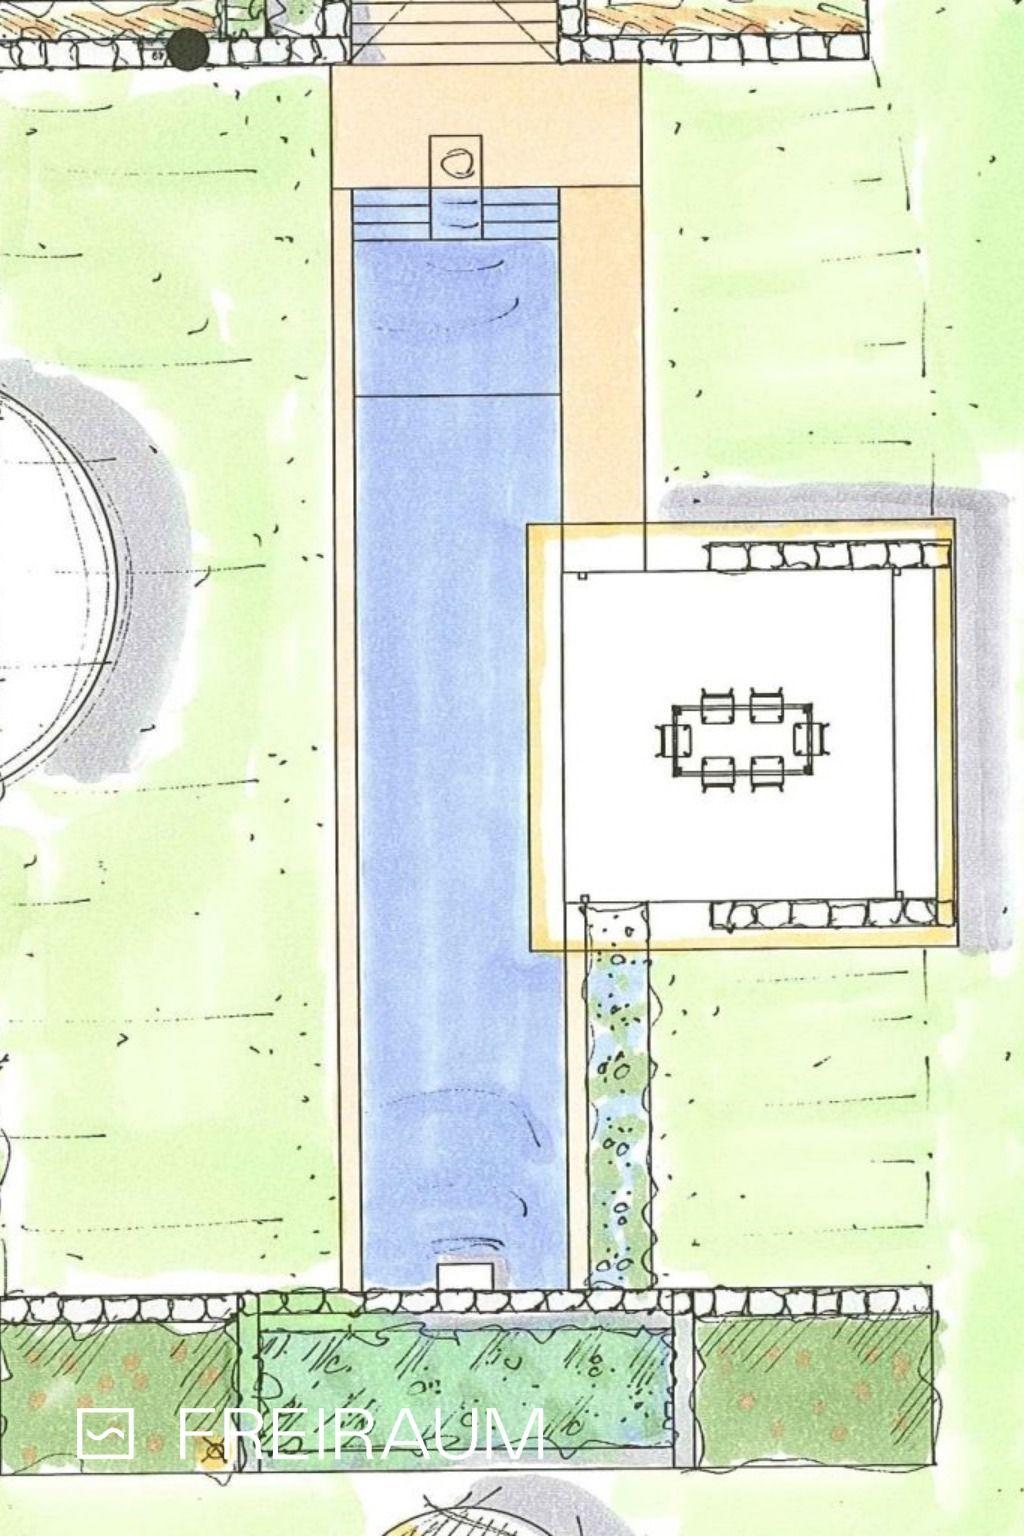 Living Pool Planung bei FREIRAUM 💦 Oft wünschen sich unsere Kunden einen Living Pool mit möglichst langer Nutzungszeit 🤔 Daher statten wir unsere Living Pools oft mit Unterflurabdeckung und Luftwärmepumpe aus 🏊♀️  #biotop #livingpool #naturpool #biopool #chemiefrei #swimmingpond #schwimmteich #naturteich #badeteich #wasserimgarten #pooldesign #gartendesign #schwimmen #nochemicals #naturnah #sustainableliving #nachhaltig #ressourcenschonen #garten #outdoorliving #swimming